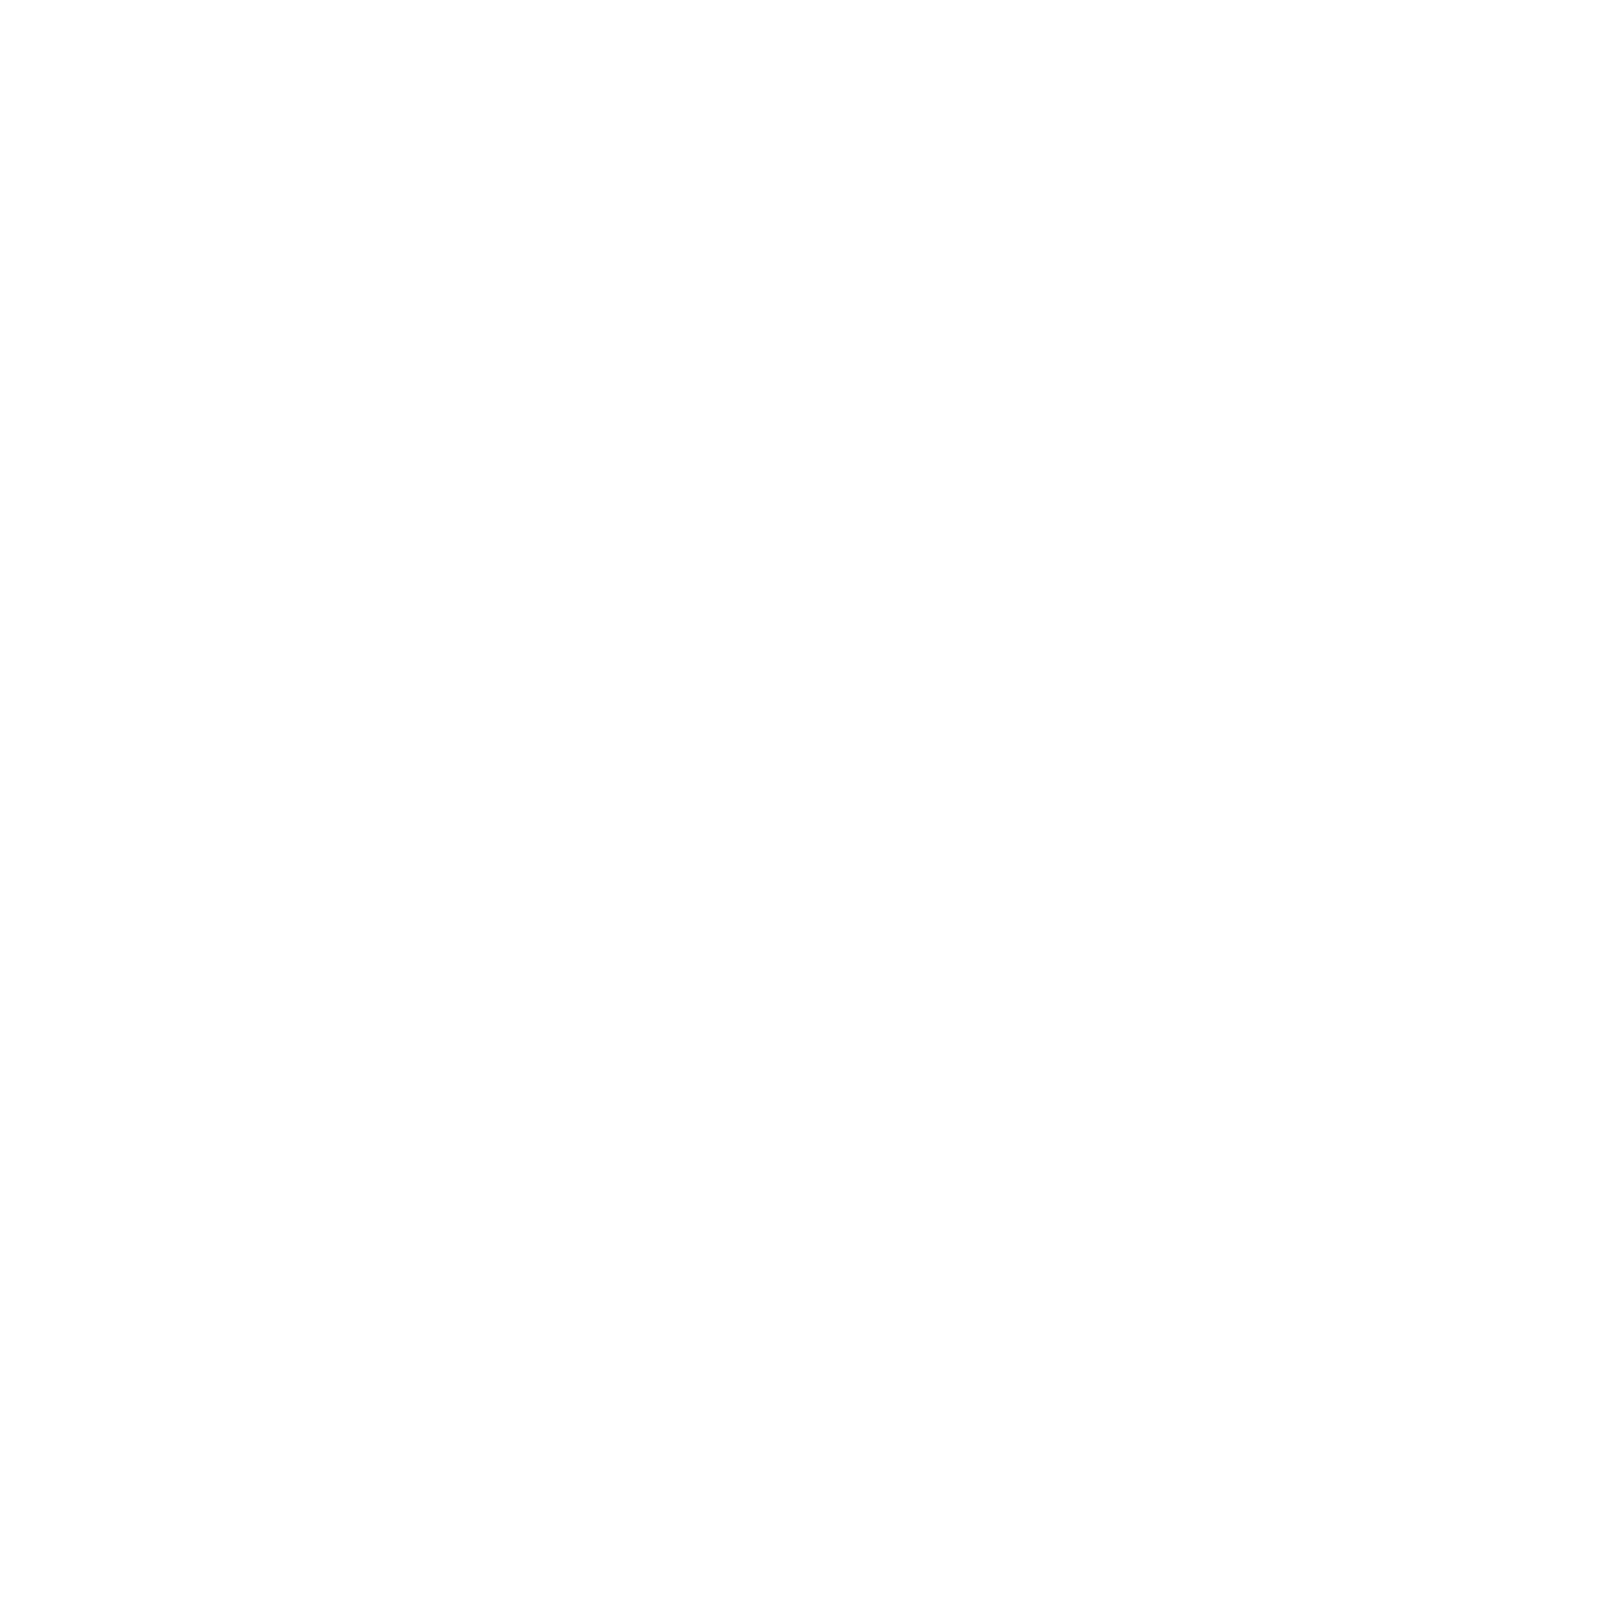 BCSArtboard 1 copy 4Partner Logos.png